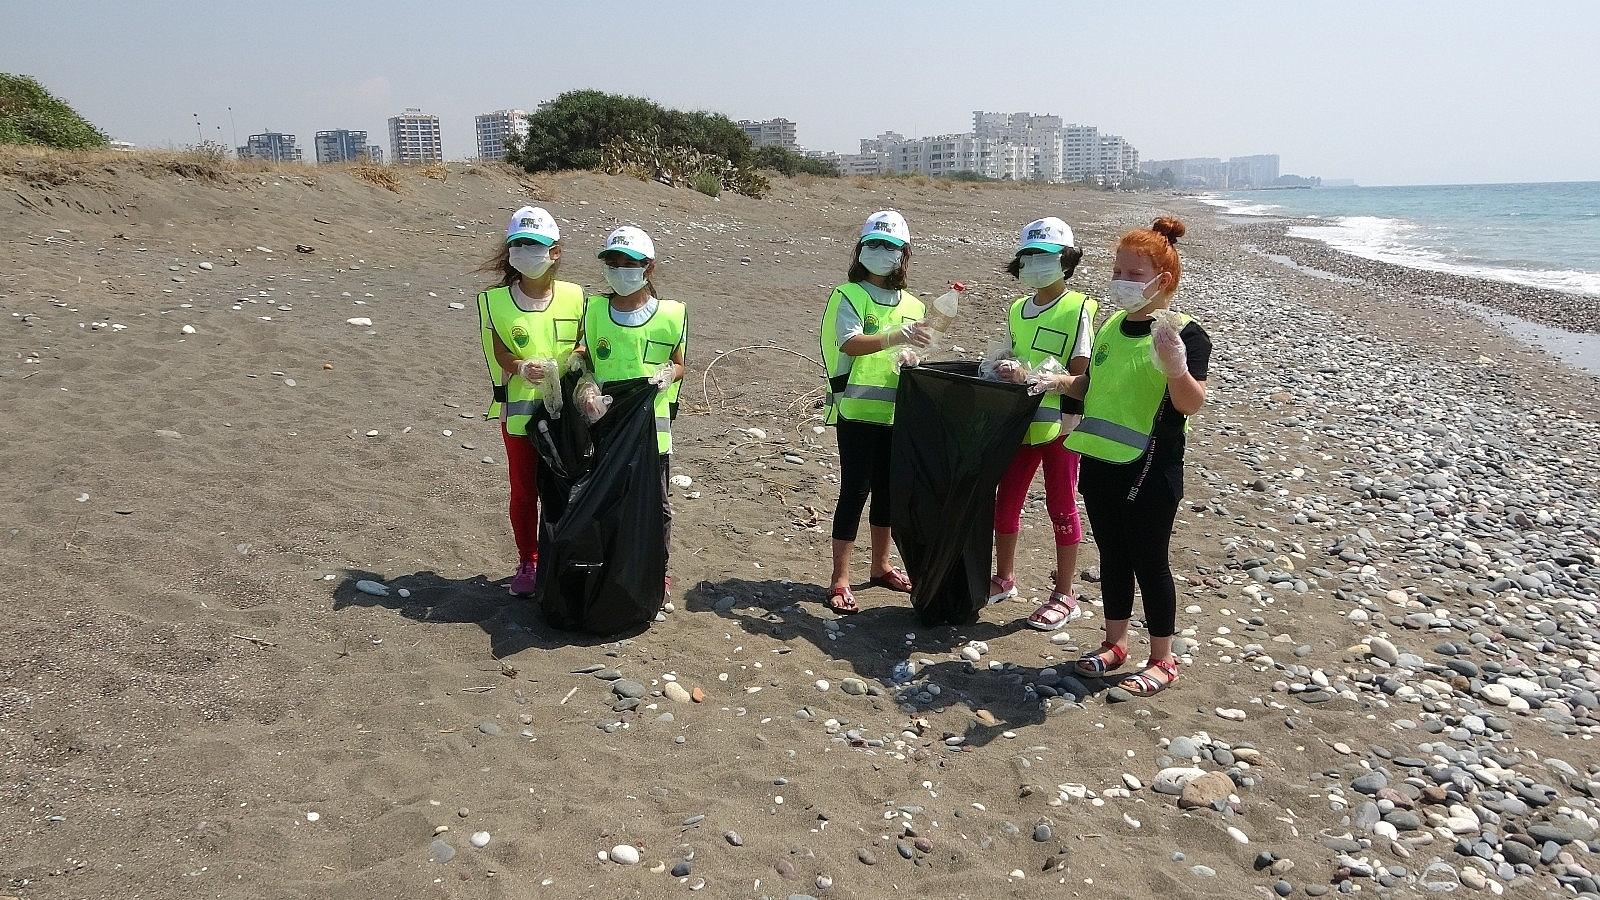 2021/06/mersinde-deniz-kaplumbagalari-ureme-alaninda-sahil-temizligi-20210610AW34-5.jpg